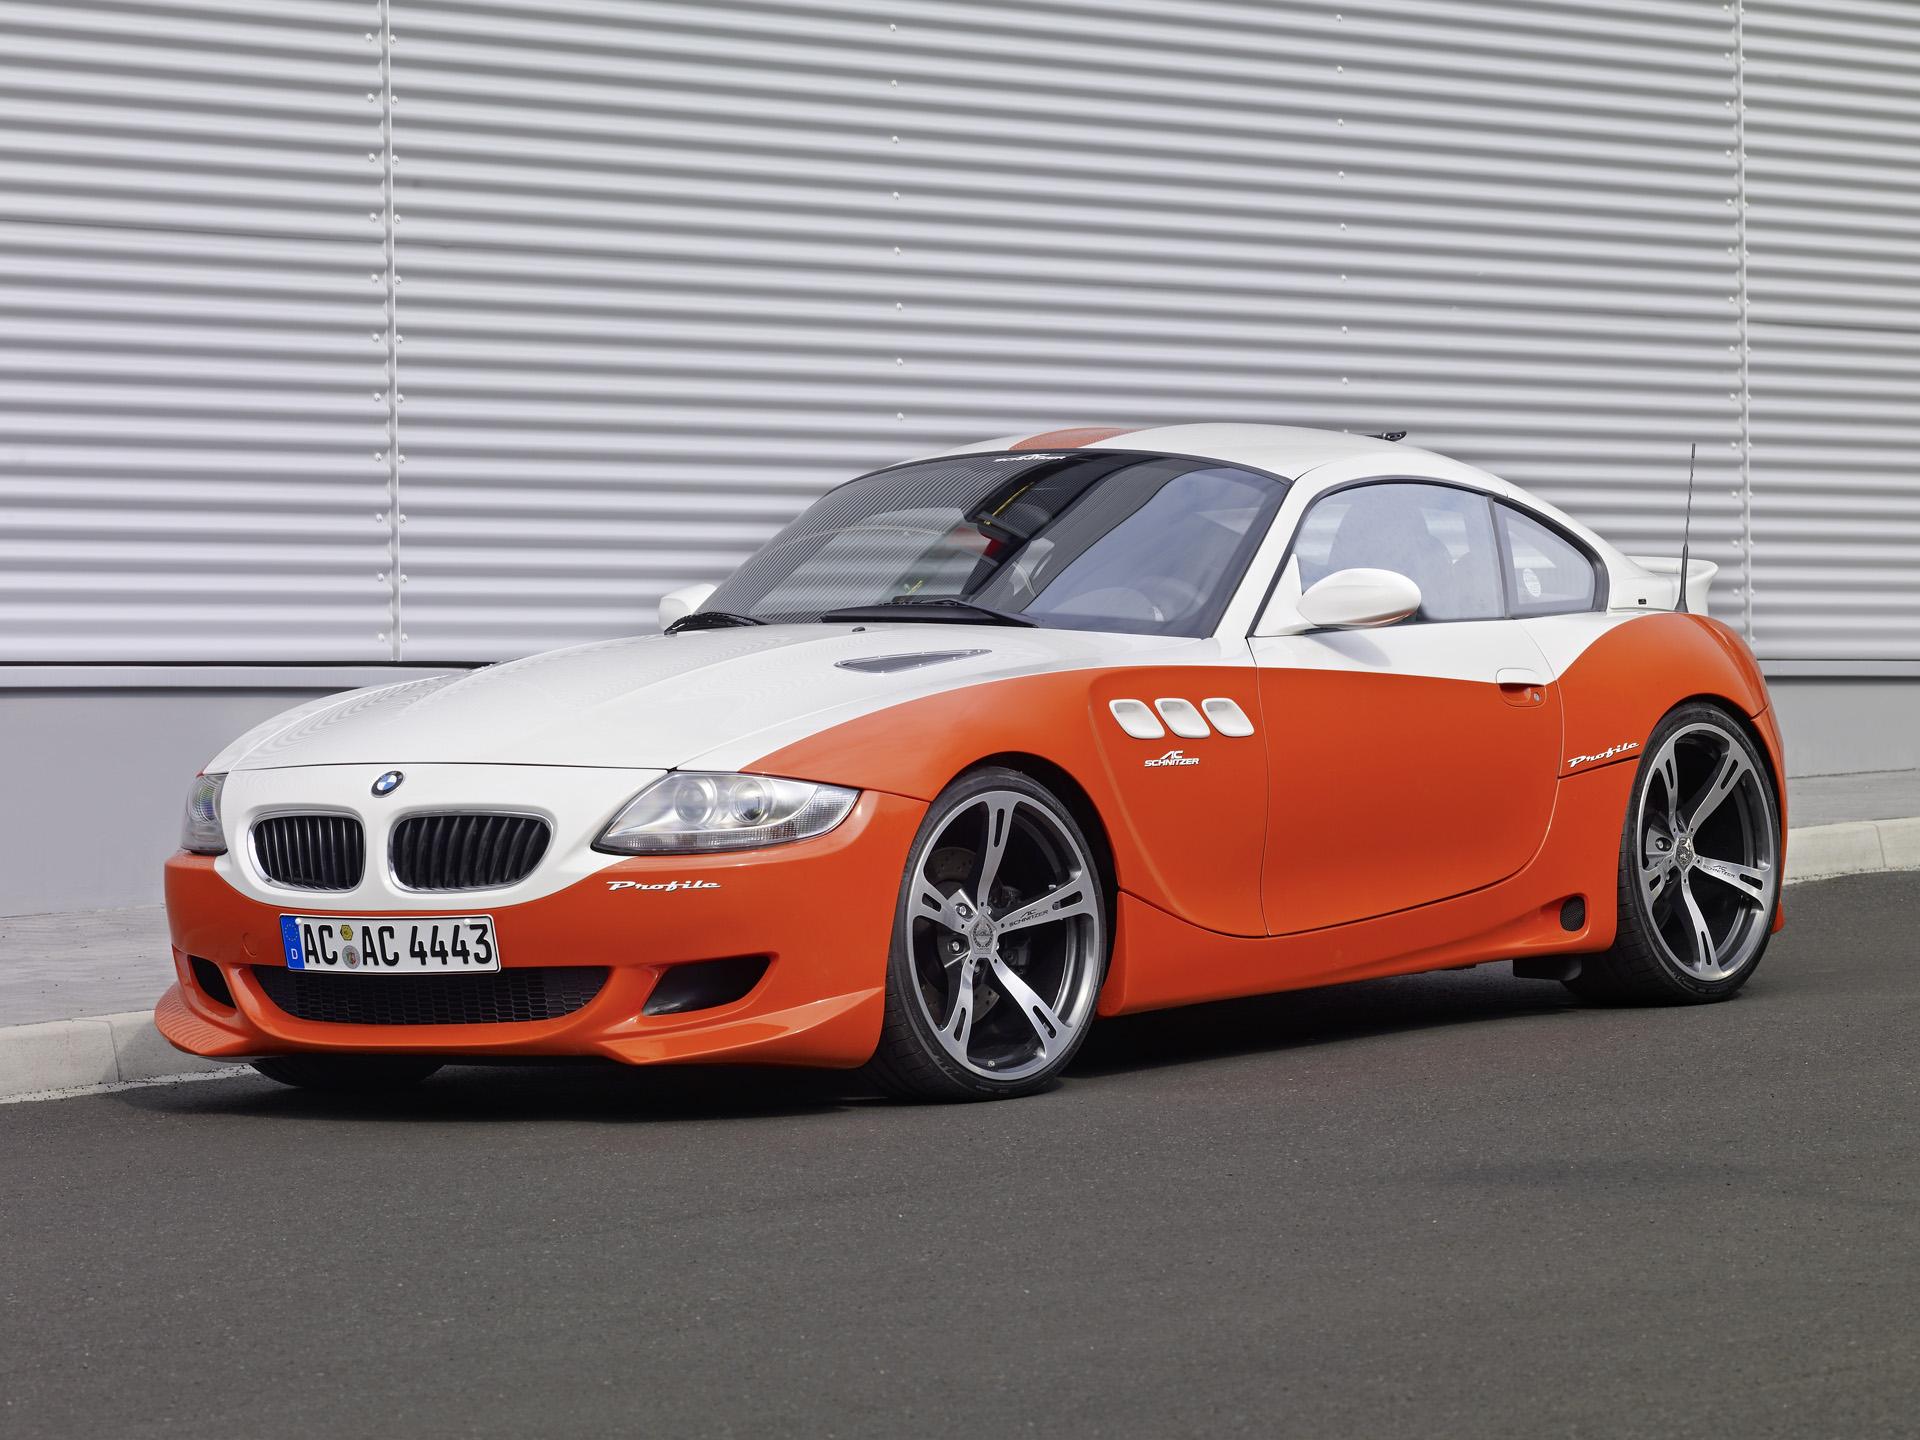 2007 AC Schnitzer Z4 M Coupe Profile Read